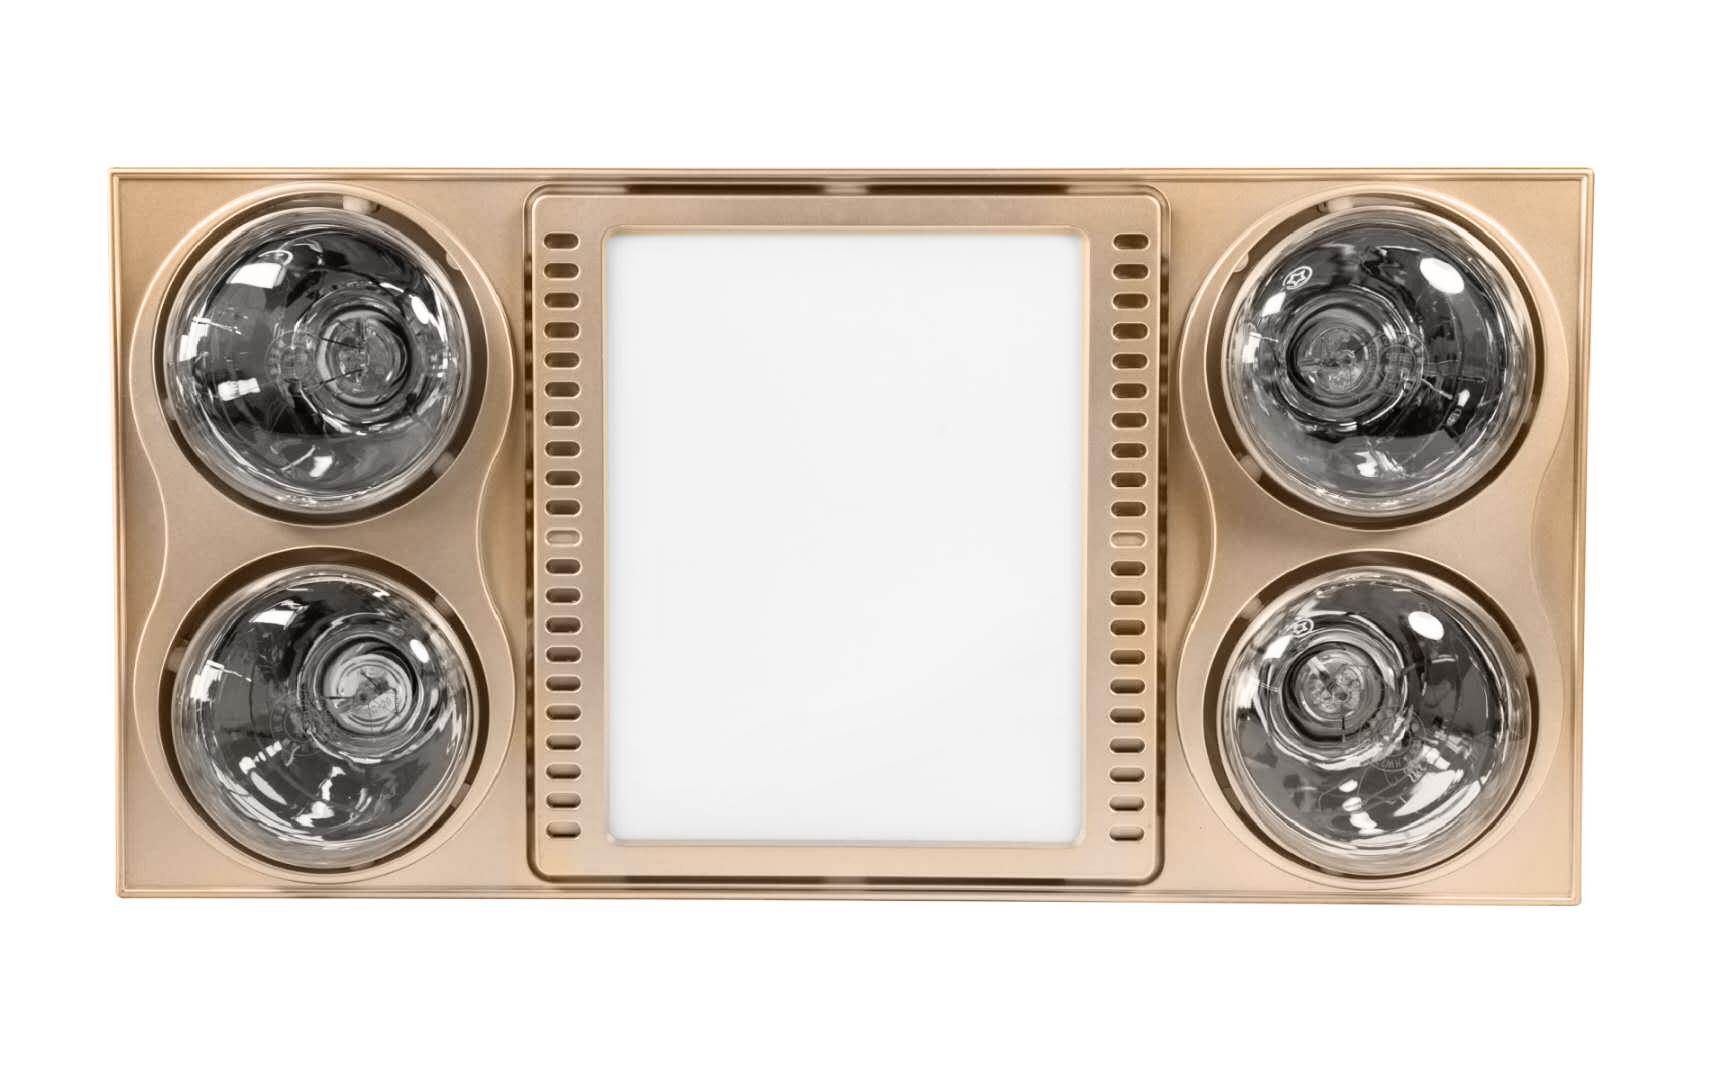 LED室内嵌入式多功能智能浴霸灯